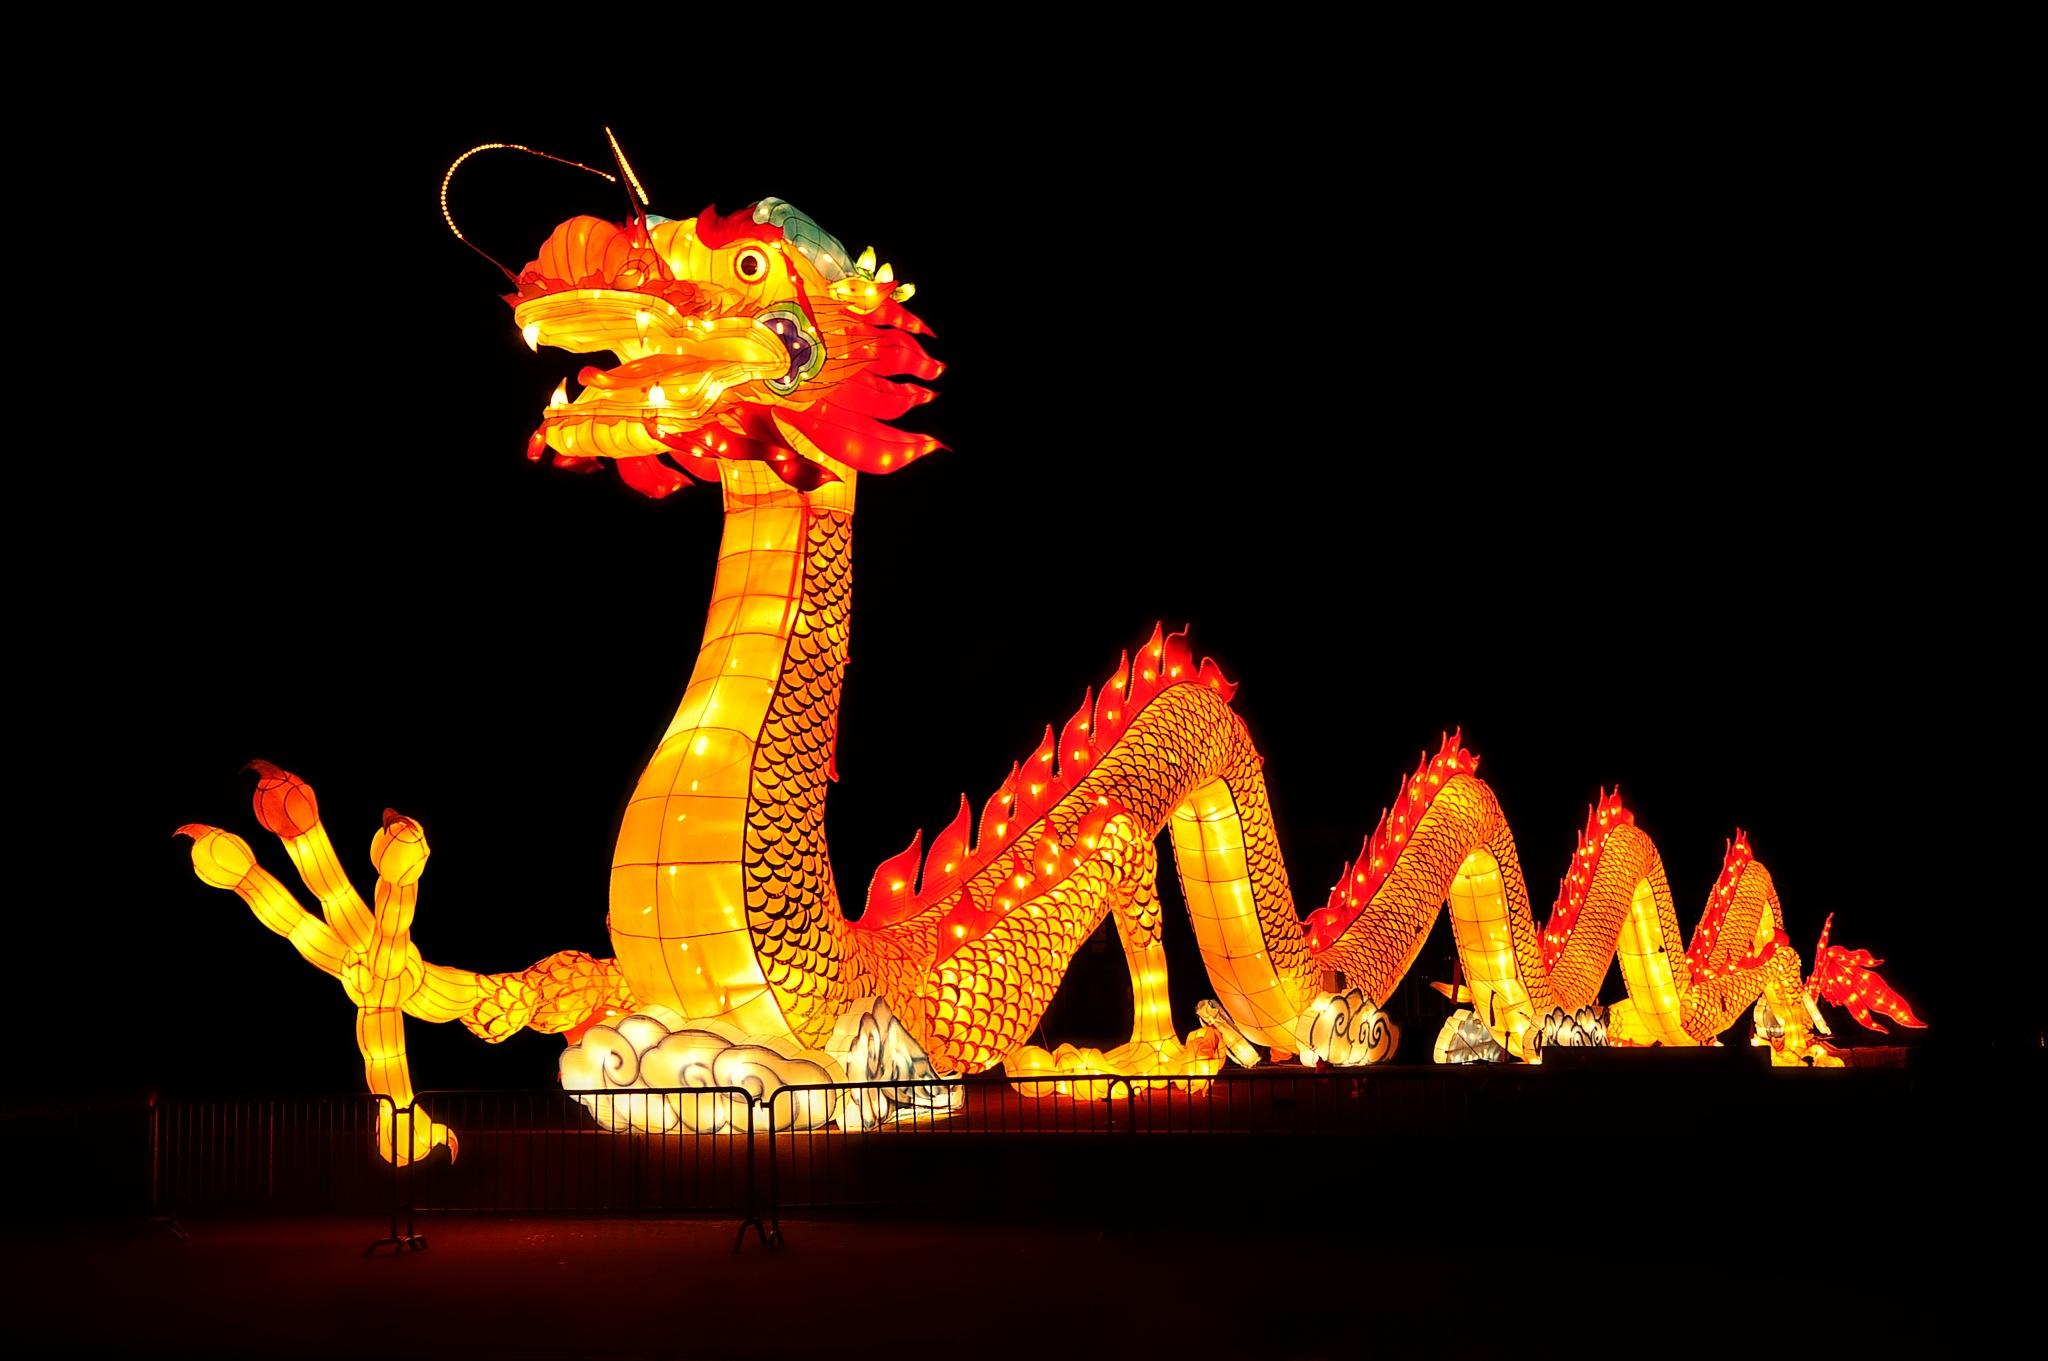 Dragon by Louis Frielink